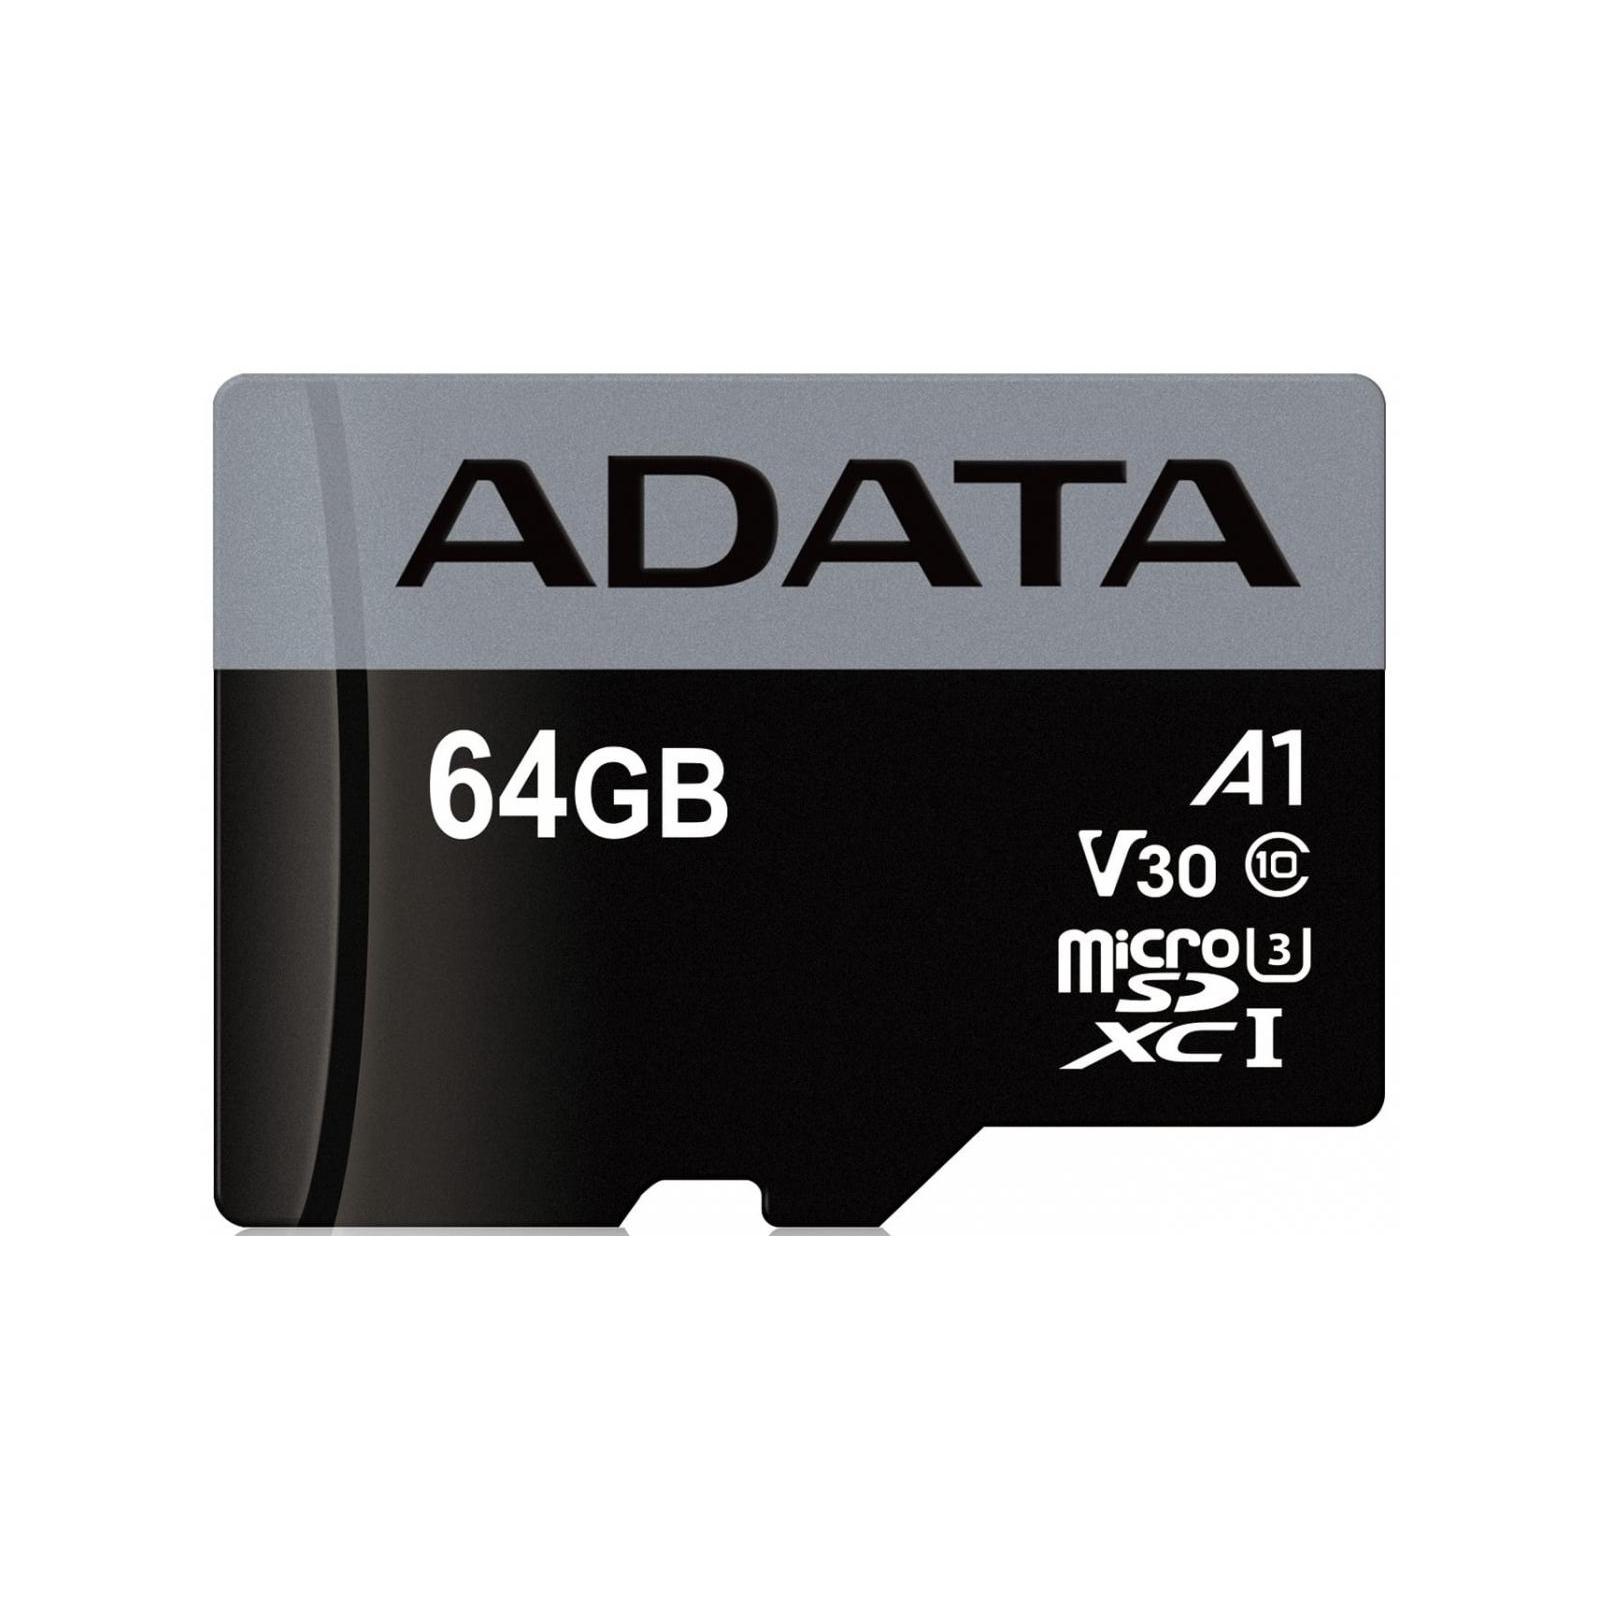 Карта памяти ADATA 64GB microSD class 10 UHS-I U3 A1 Premier Pro (AUSDX64GUI3V30SA1-RA1) изображение 2